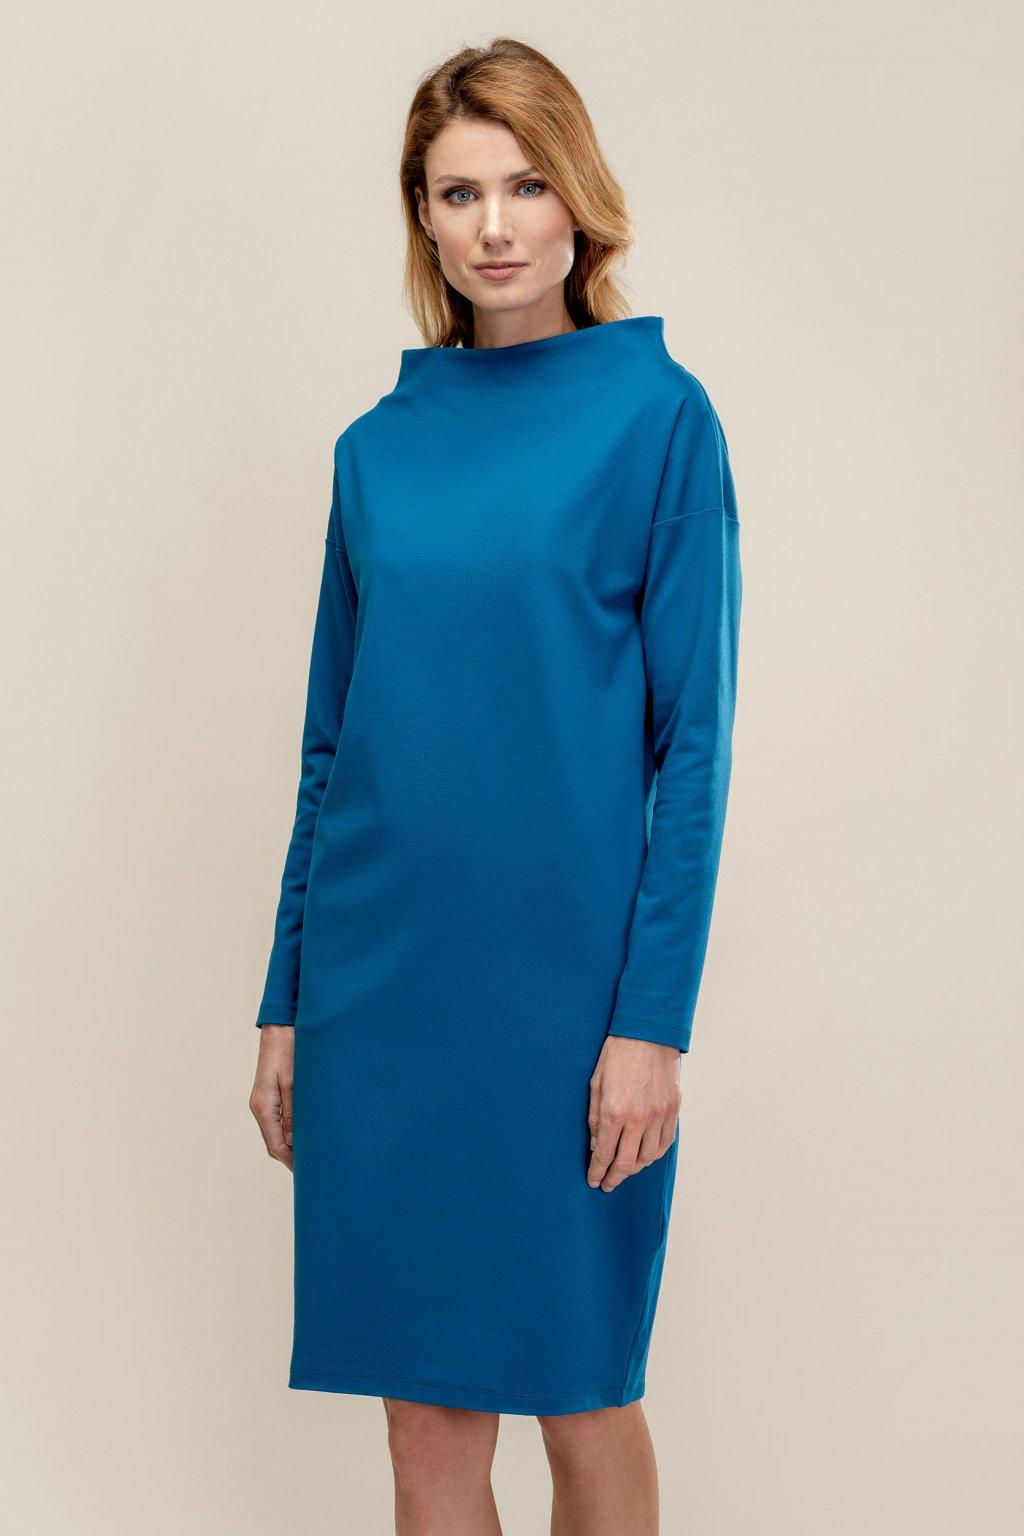 ZIK Šaty so zvýšeným lodičkovým výstrihom (1)